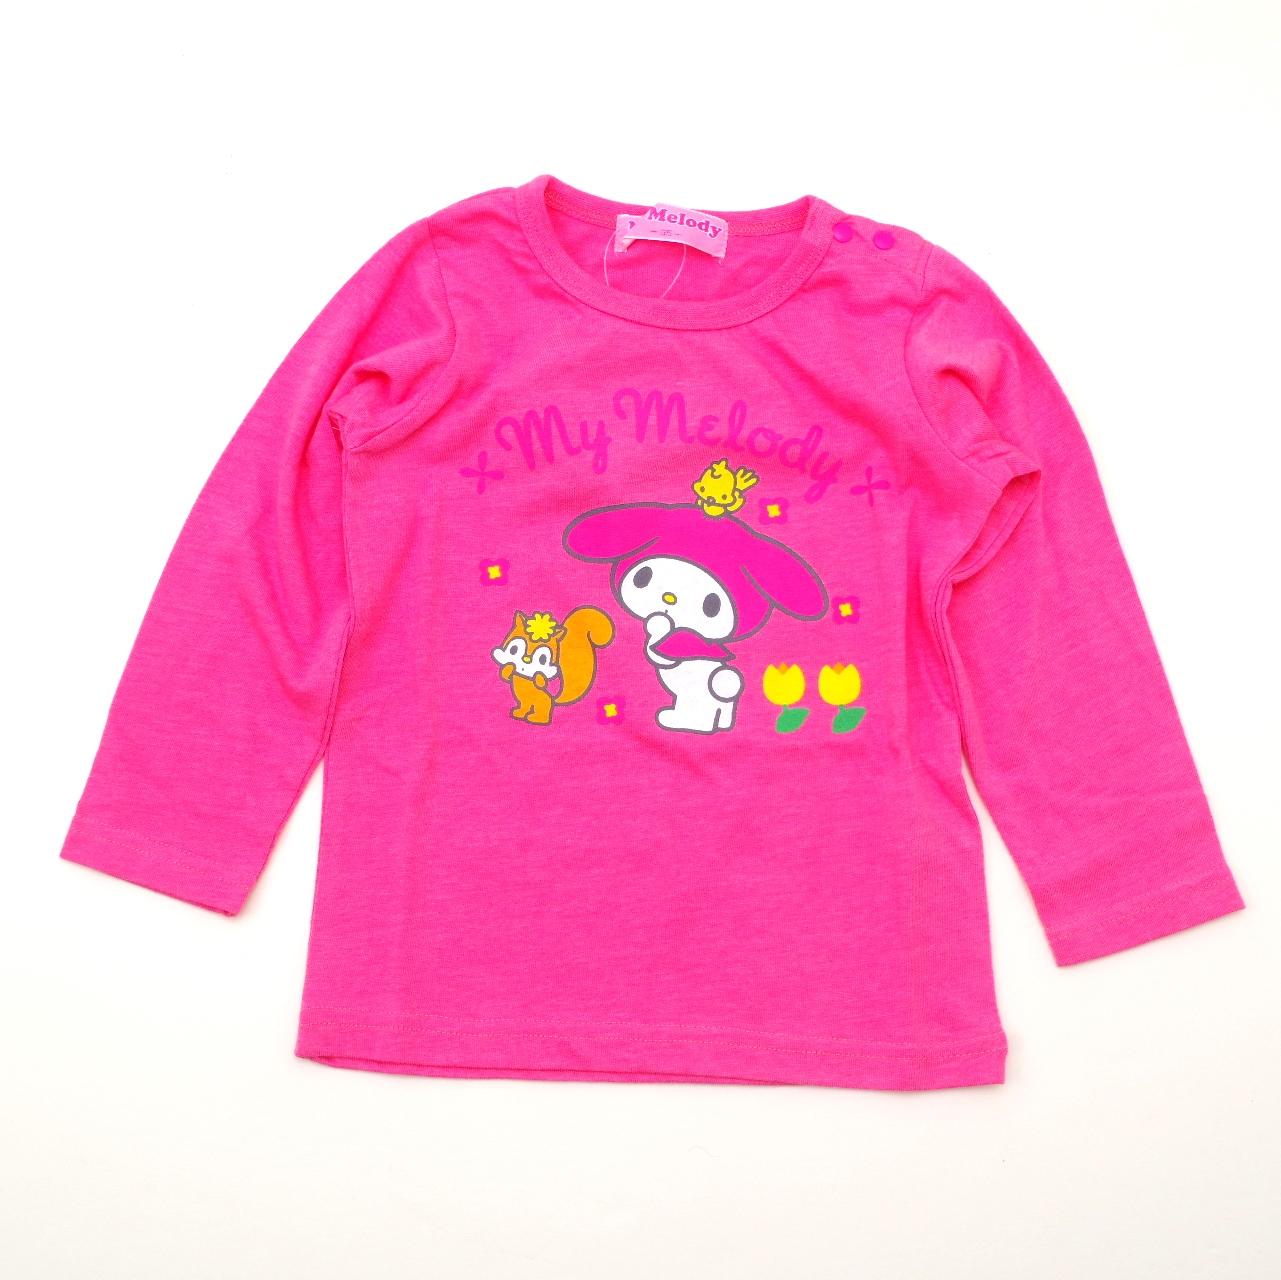 サンリオ マイメロディ   長袖Tシャツ 95cm-130cm(941MM4011)